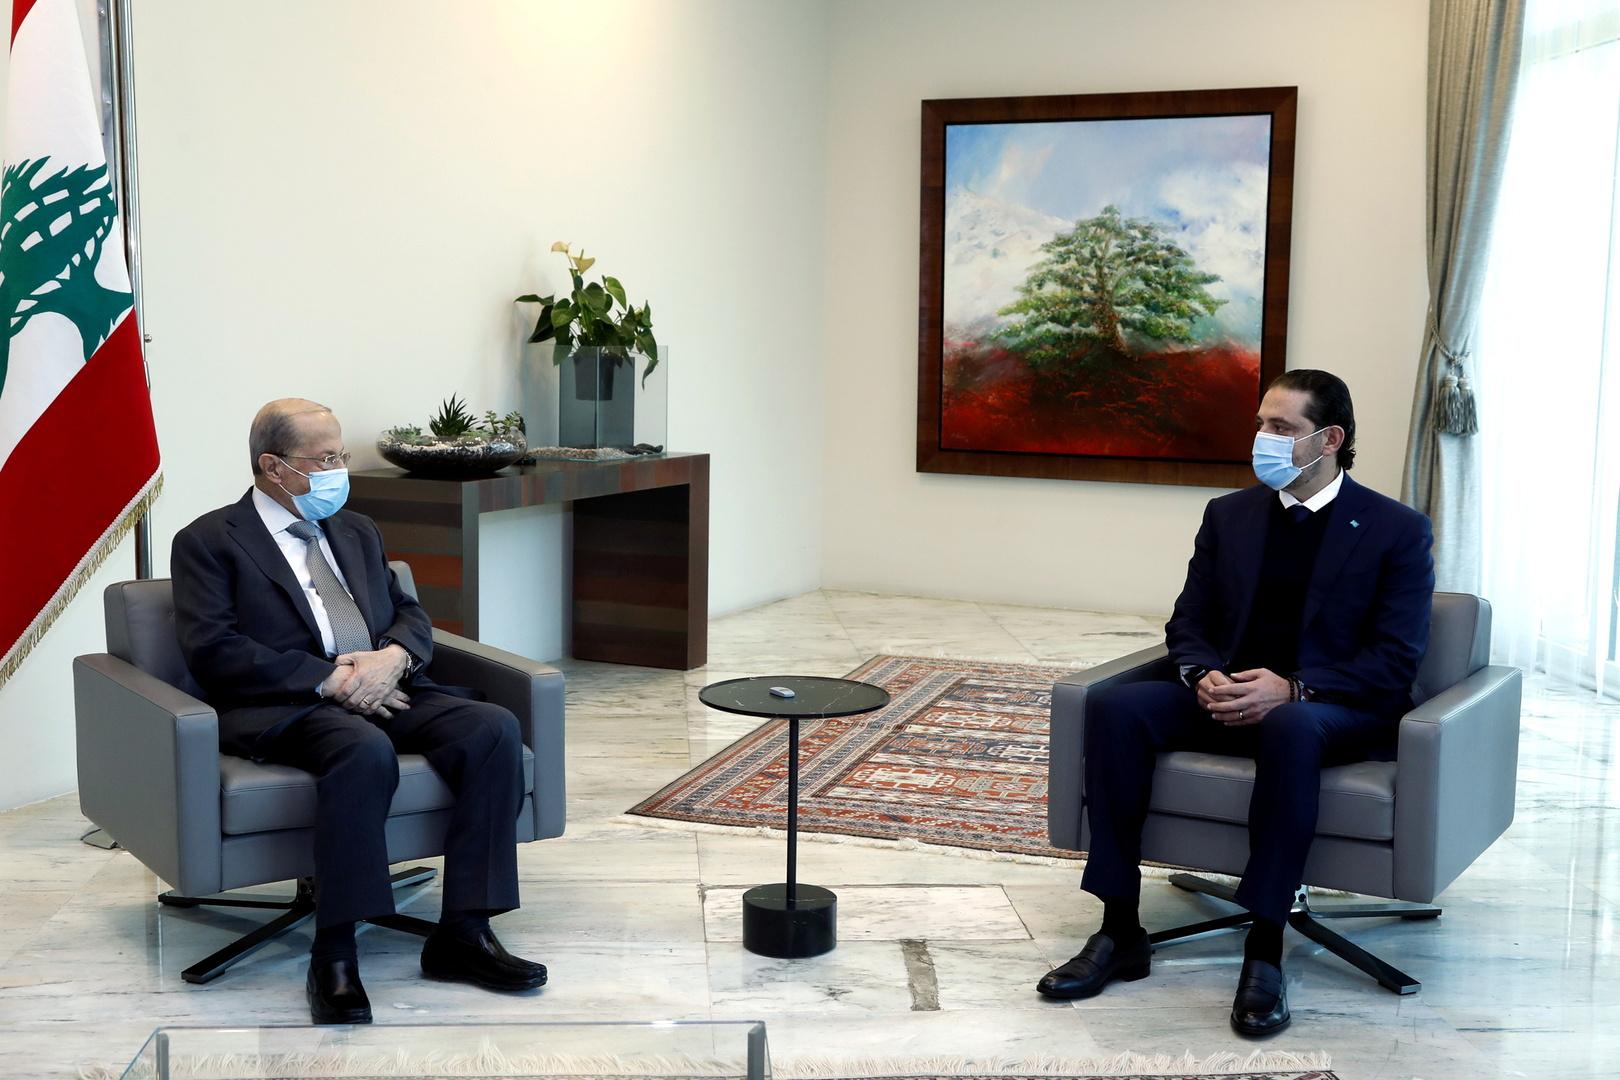 نائب لبناني: اعتذار الحريري غير وارد إطلاقا ولن تكون هناك حكومة فيها ثلث معطل